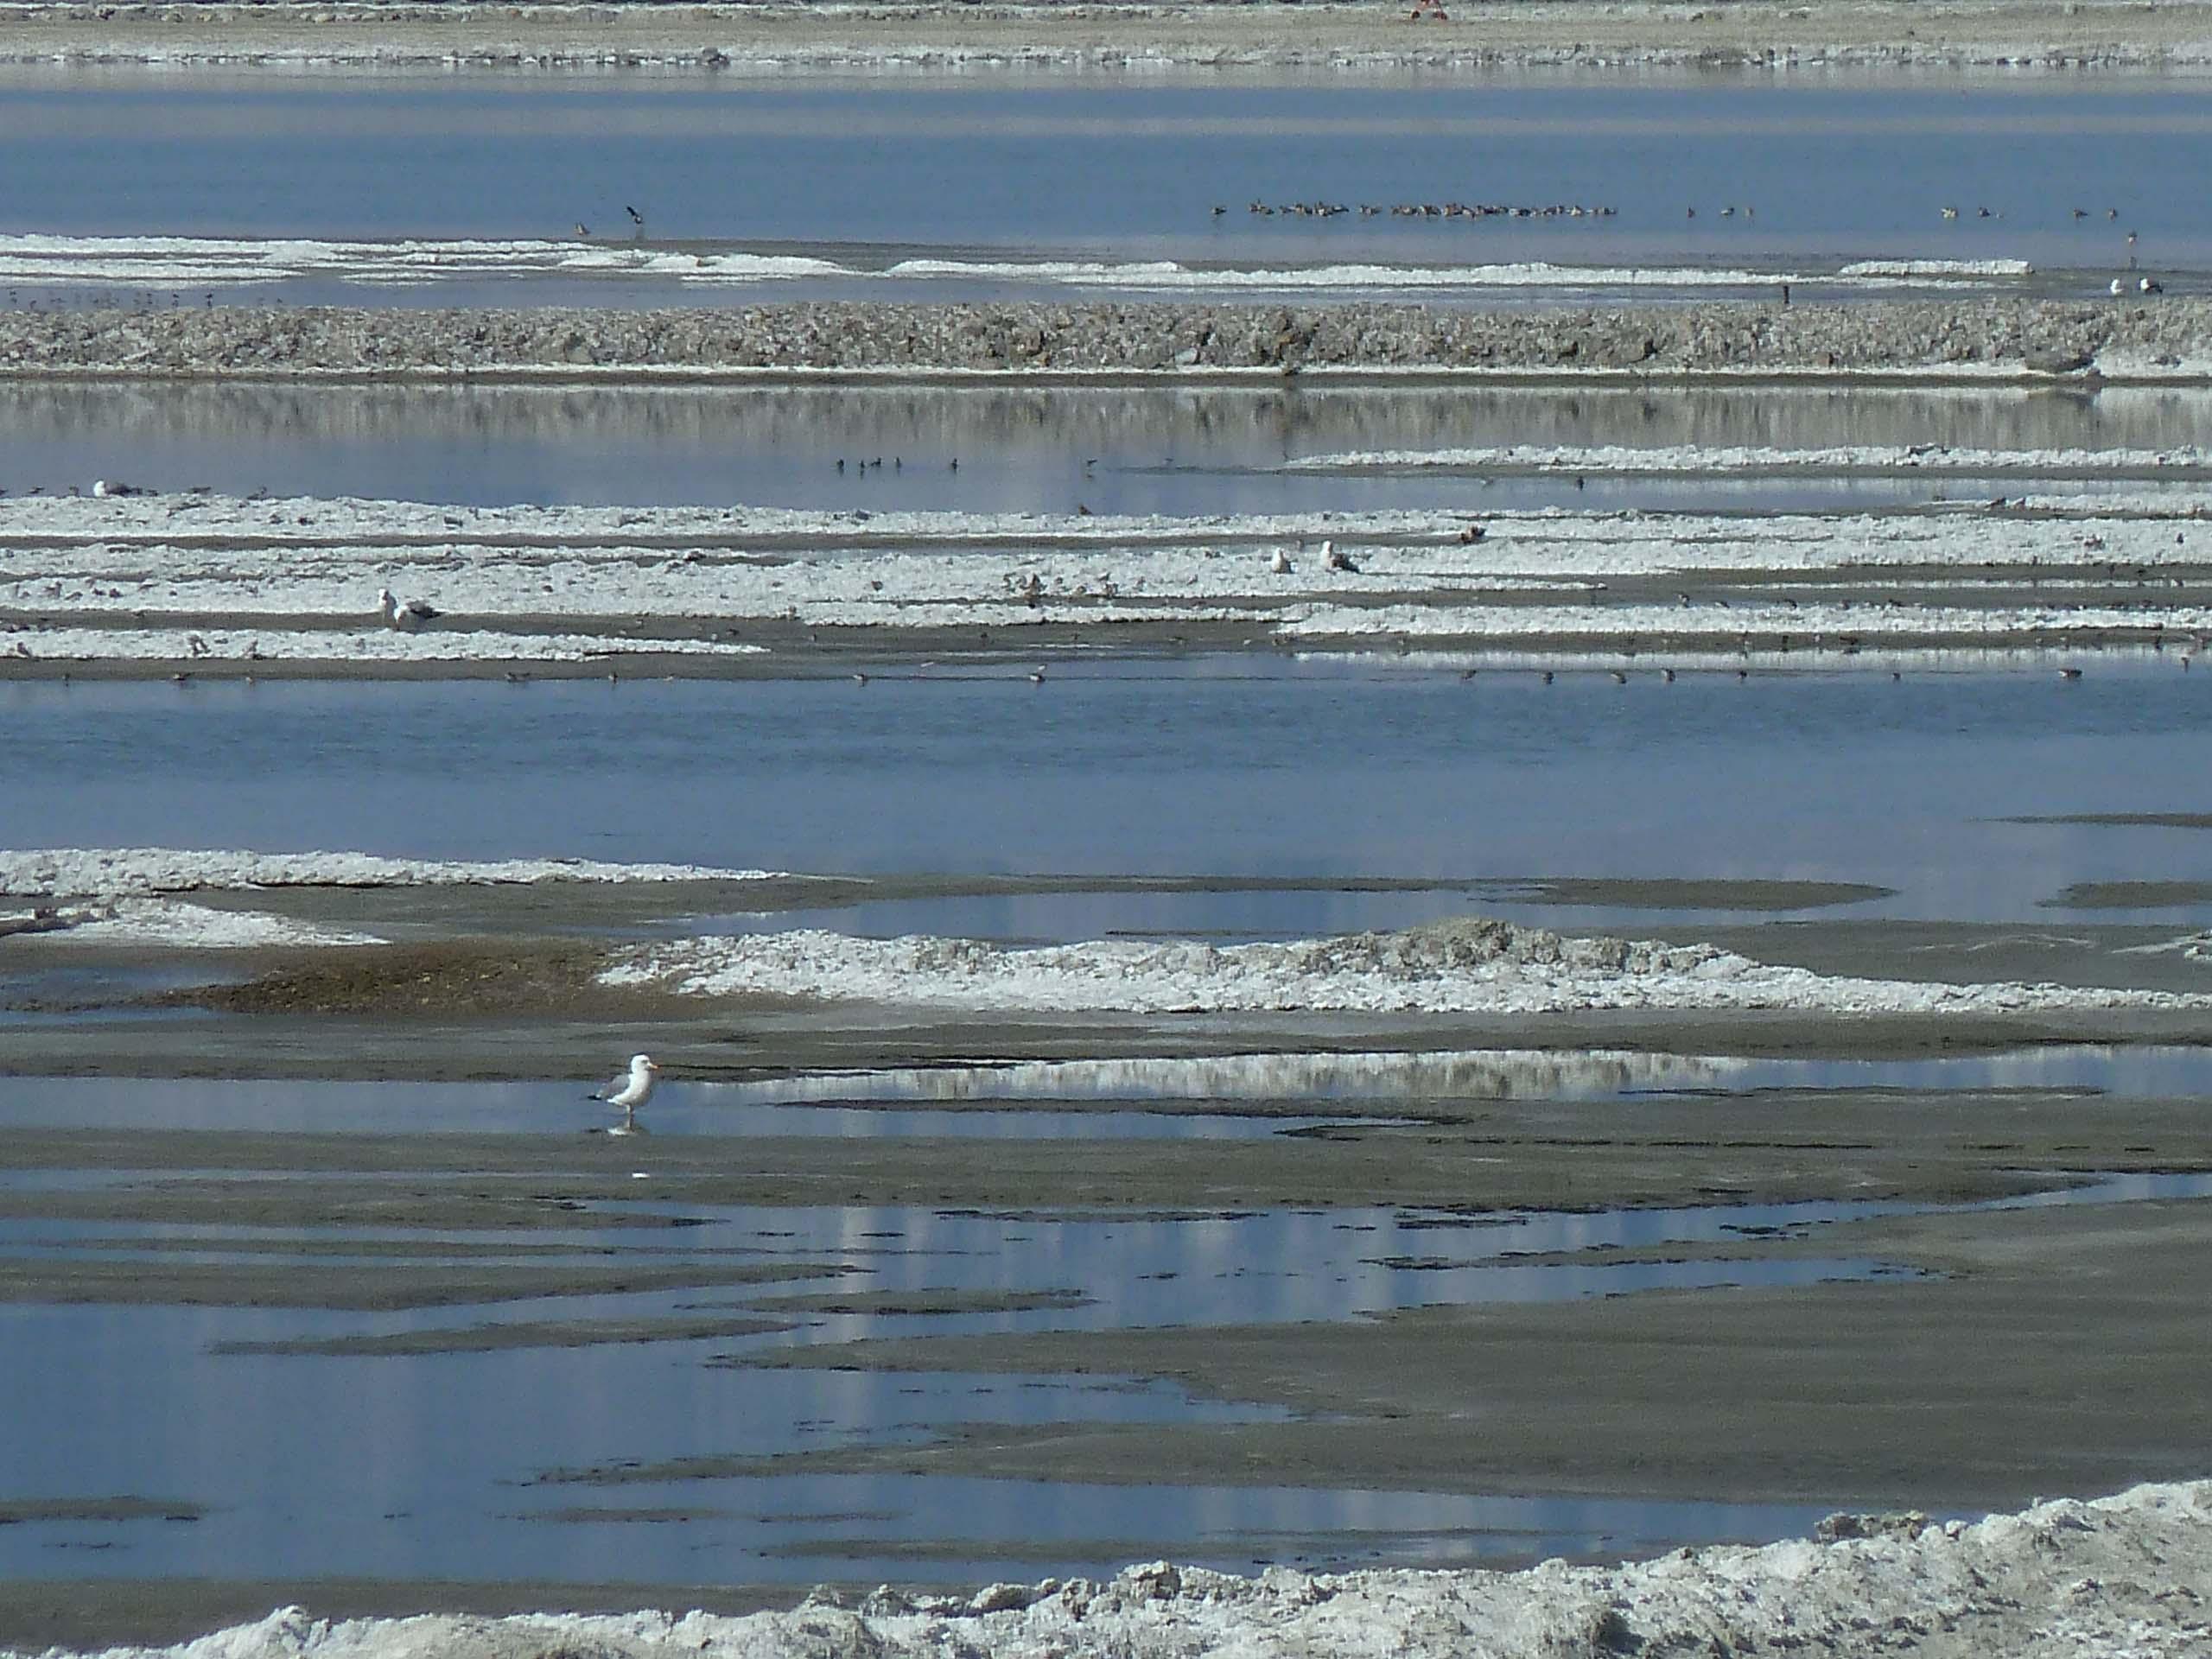 Owens Lake Big Day 2014 Image 3